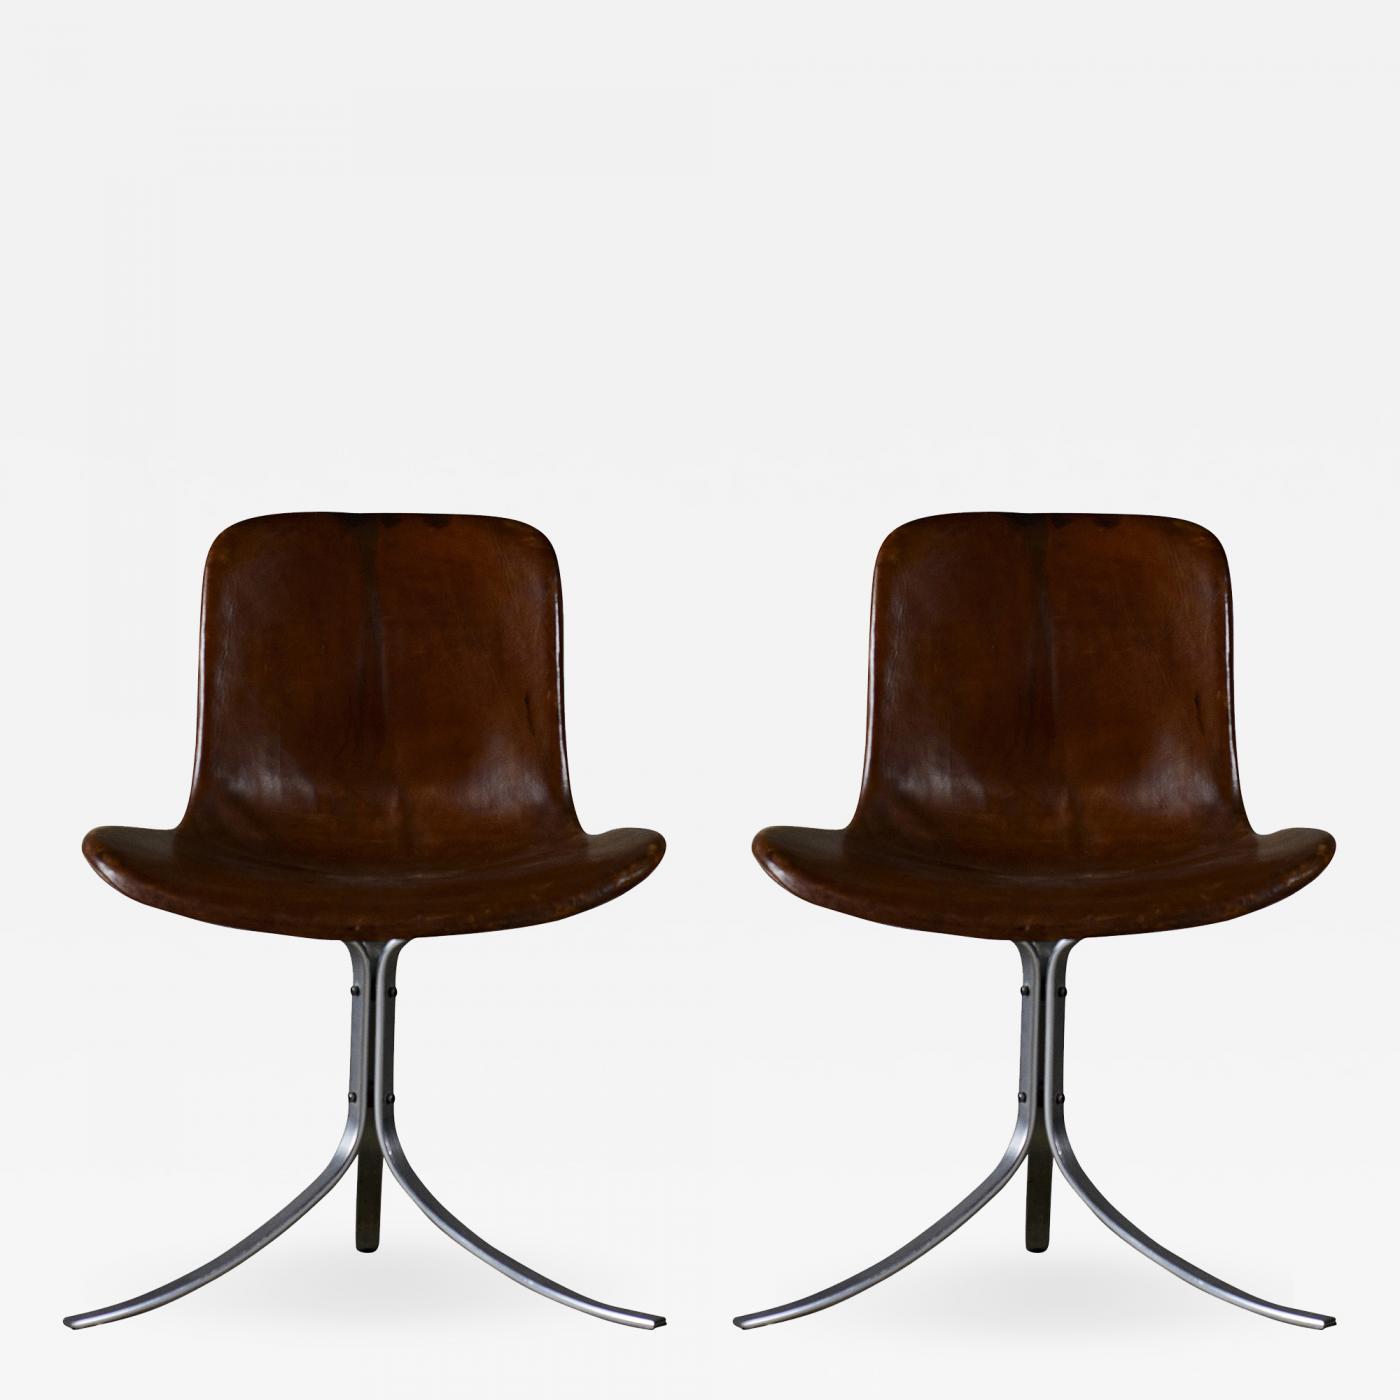 Poul Kj u00e6rholm Pair of Poul Kjaerholm PK9 Chairs